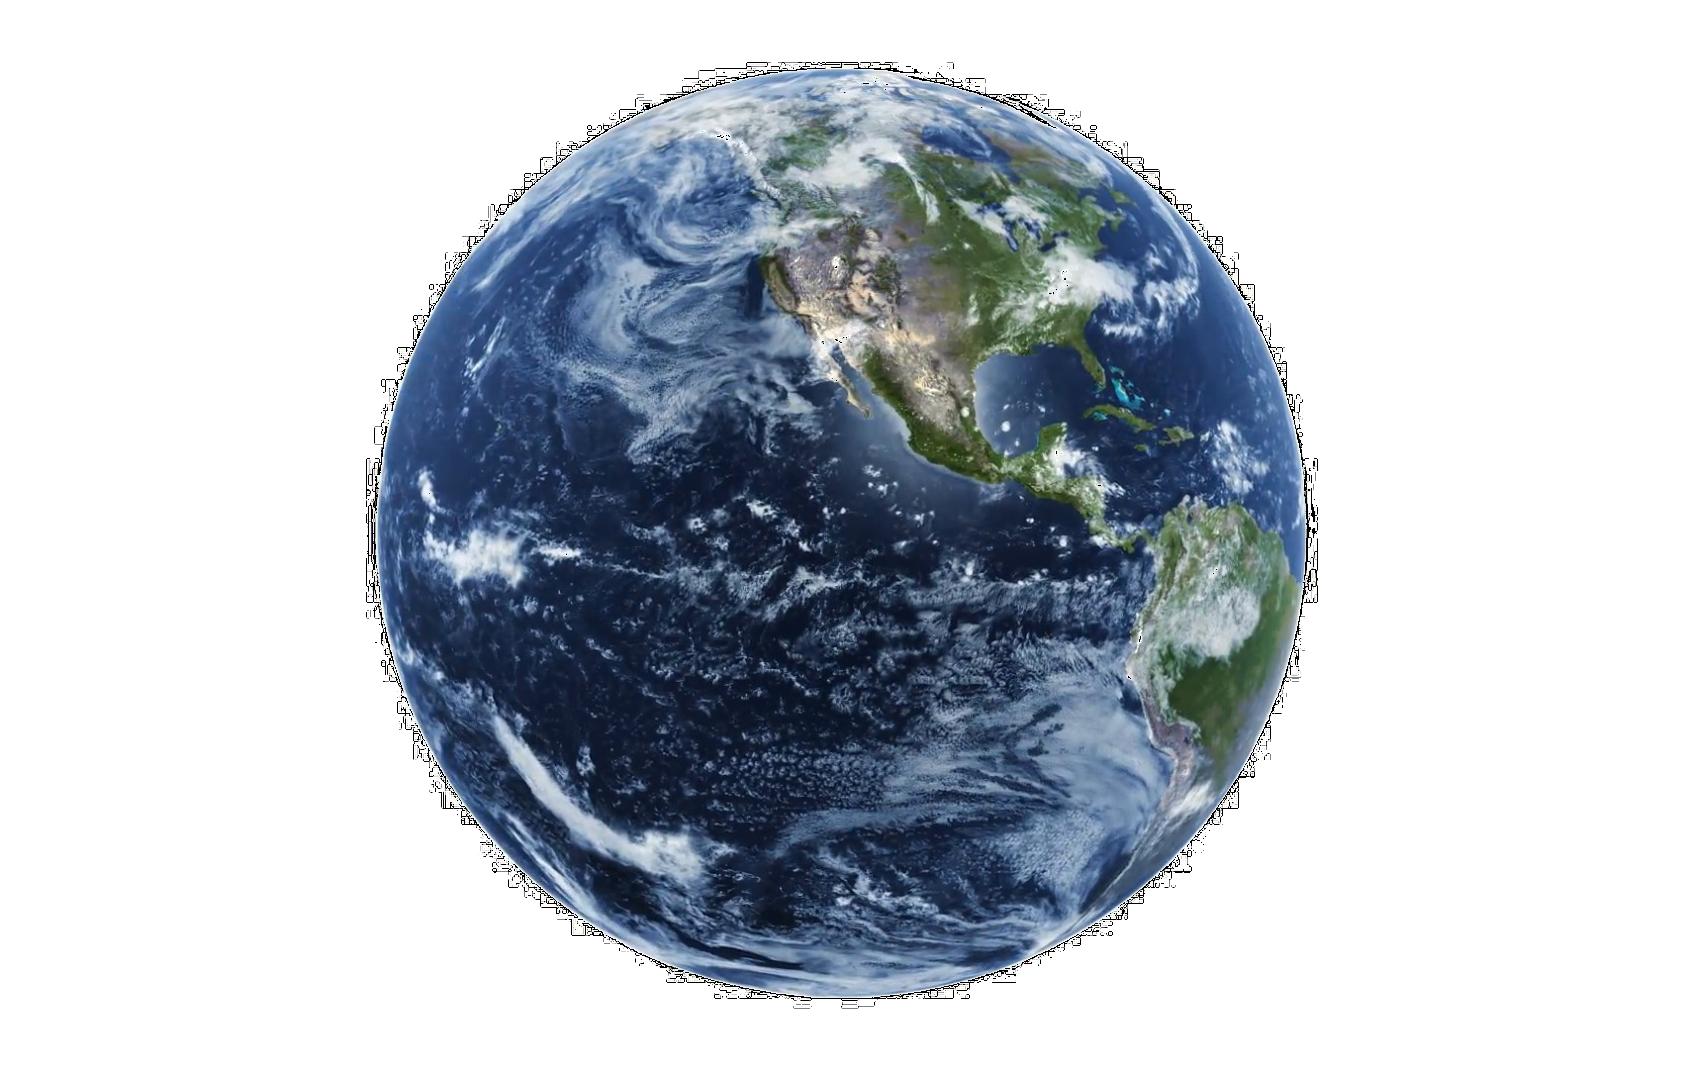 Земной шар фото в хорошем качестве пожаловать союз